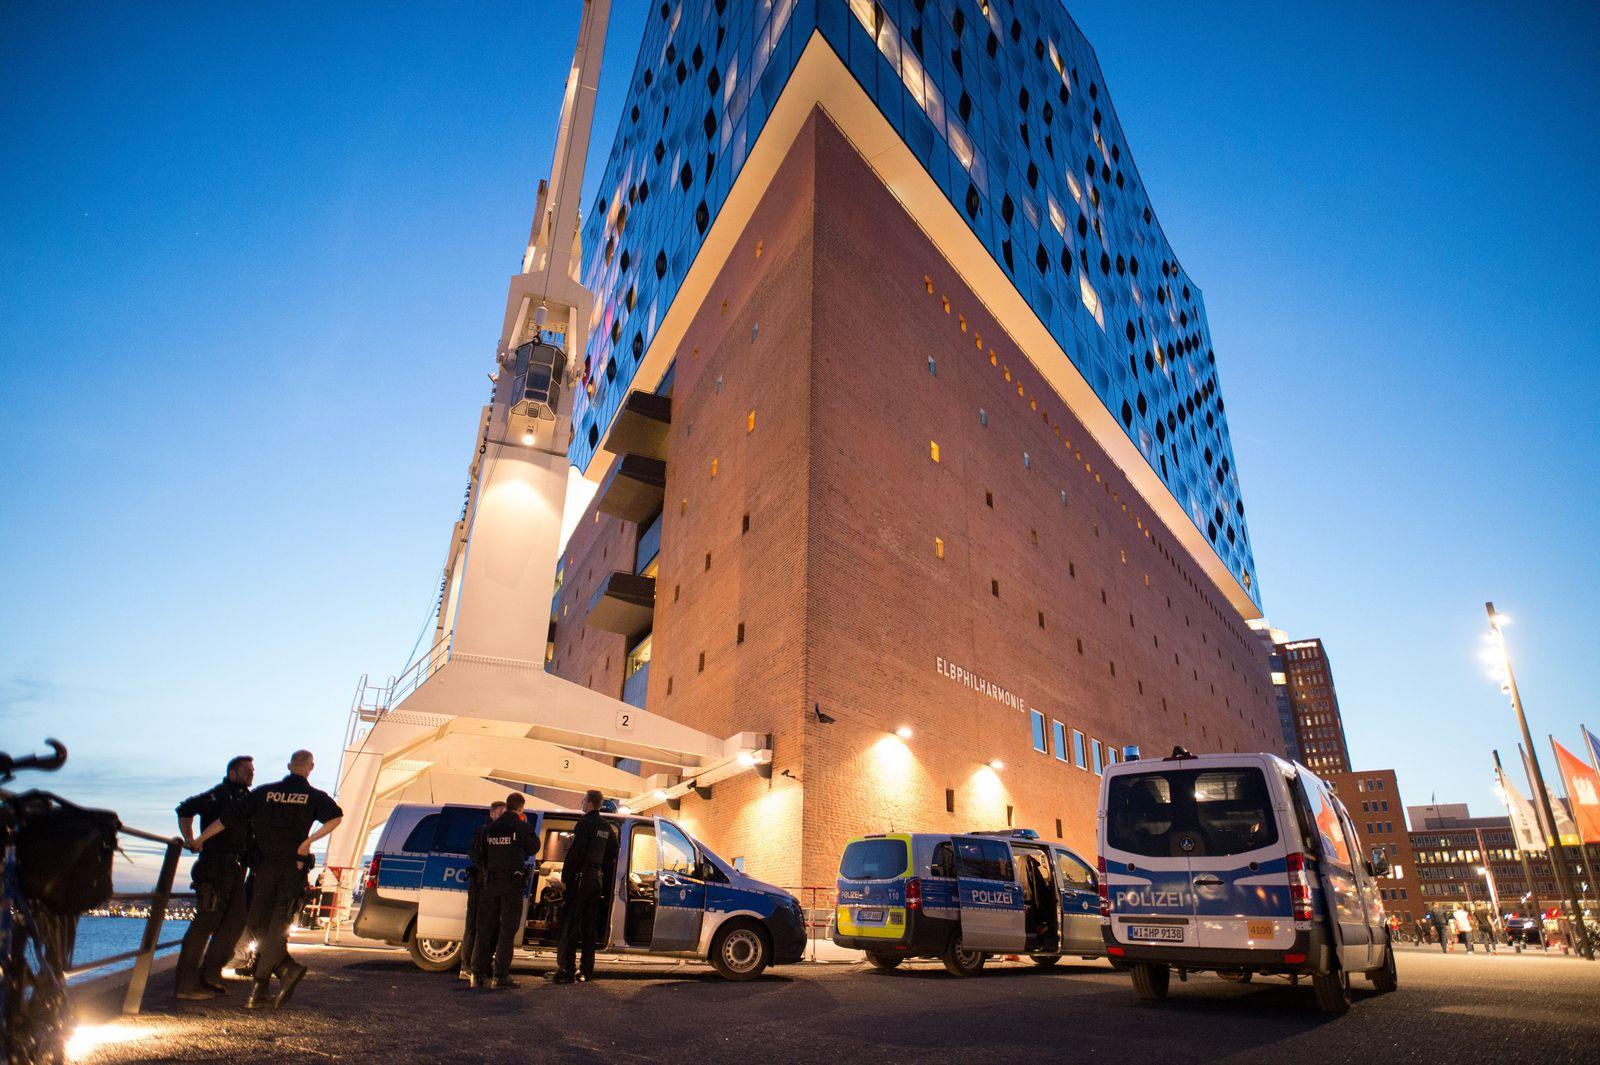 Polizei an der Elbphilharmonie